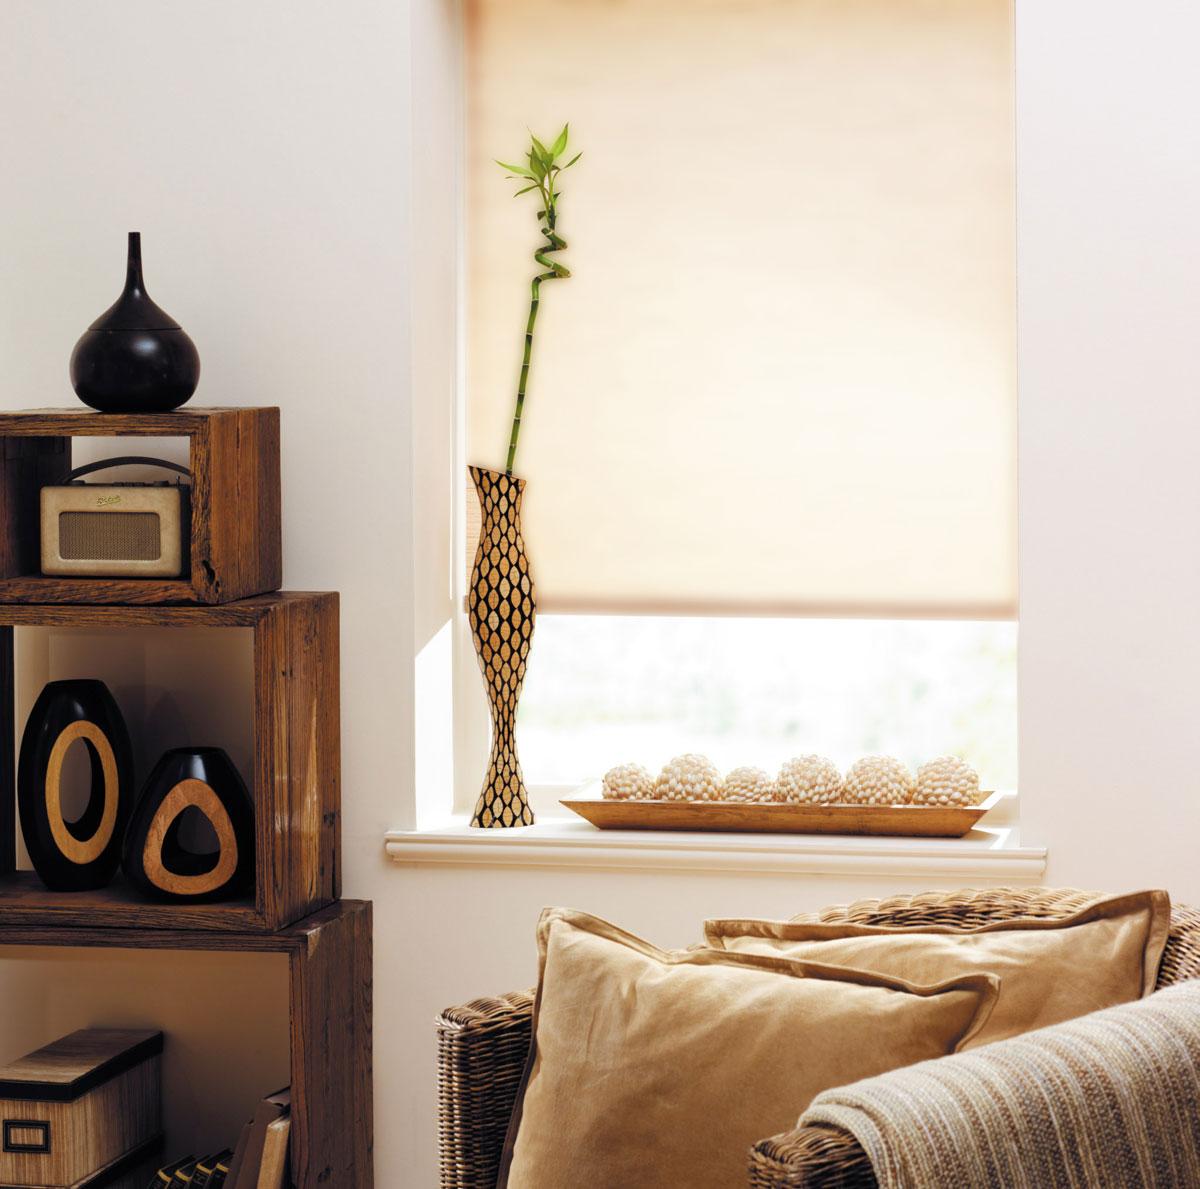 Миниролло KauffOrt 48х170 см, цвет: бежевый лен3048409Рулонная штора Миниролло выполнена из высокопрочной ткани бежевого цвета, которая сохраняет свой размер даже при намокании. Ткань не выцветает и обладает отличной цветоустойчивостью. Миниролло - это подвид рулонных штор, который закрывает не весь оконный проем, а непосредственно само стекло. Такие шторы крепятся на раму без сверления при помощи зажимов или клейкой двухсторонней ленты. Окно остаётся на гарантии, благодаря монтажу без сверления. Такая штора станет прекрасным элементом декора окна и гармонично впишется в интерьер любого помещения. В комплект входит 2 типа крепления: крючок на створку окна и на двухсторонний скотч.